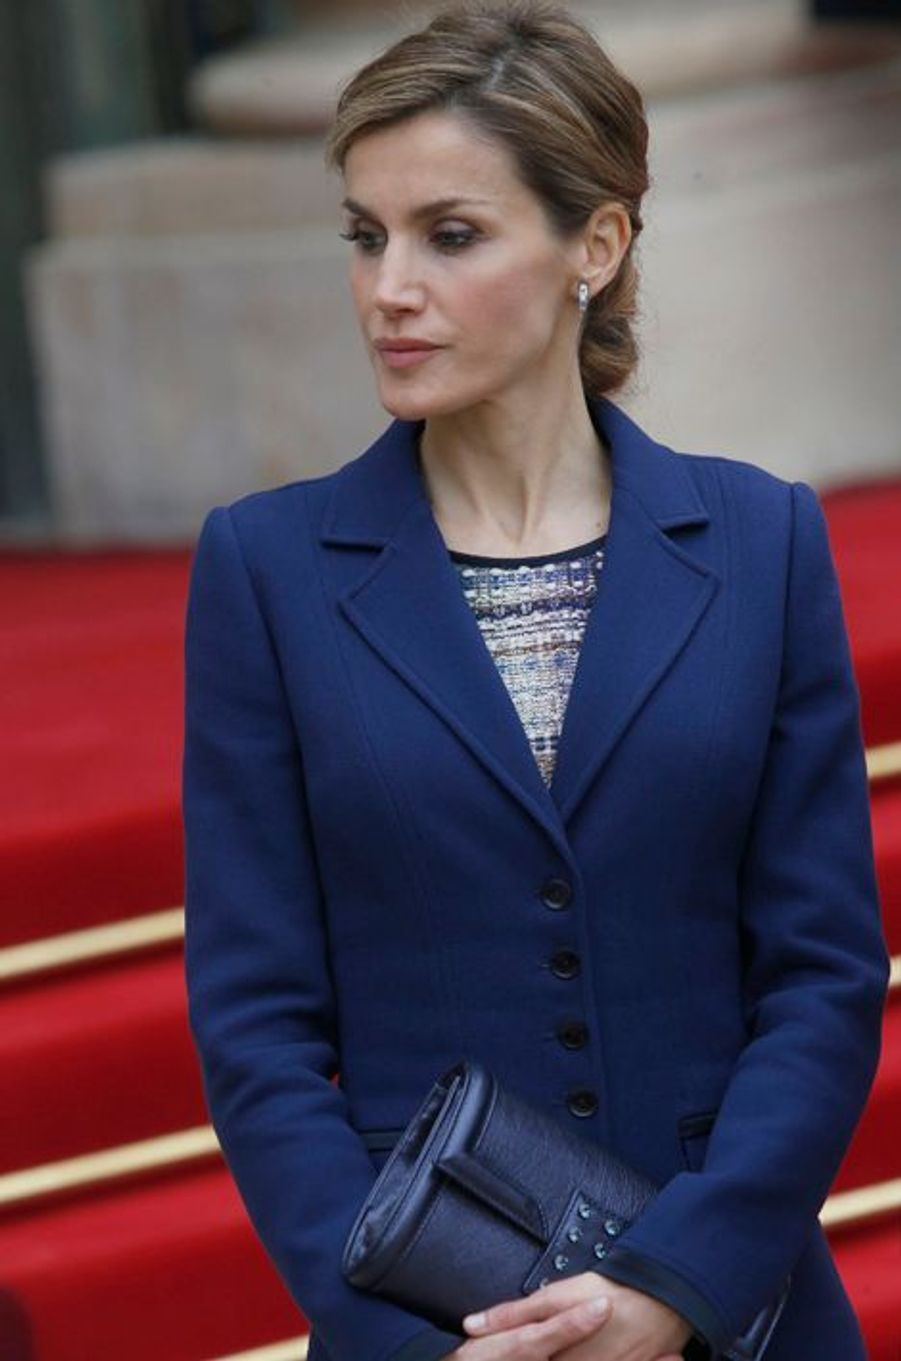 La reine Letizia d'Espagne à Paris, le 24 mars 2015